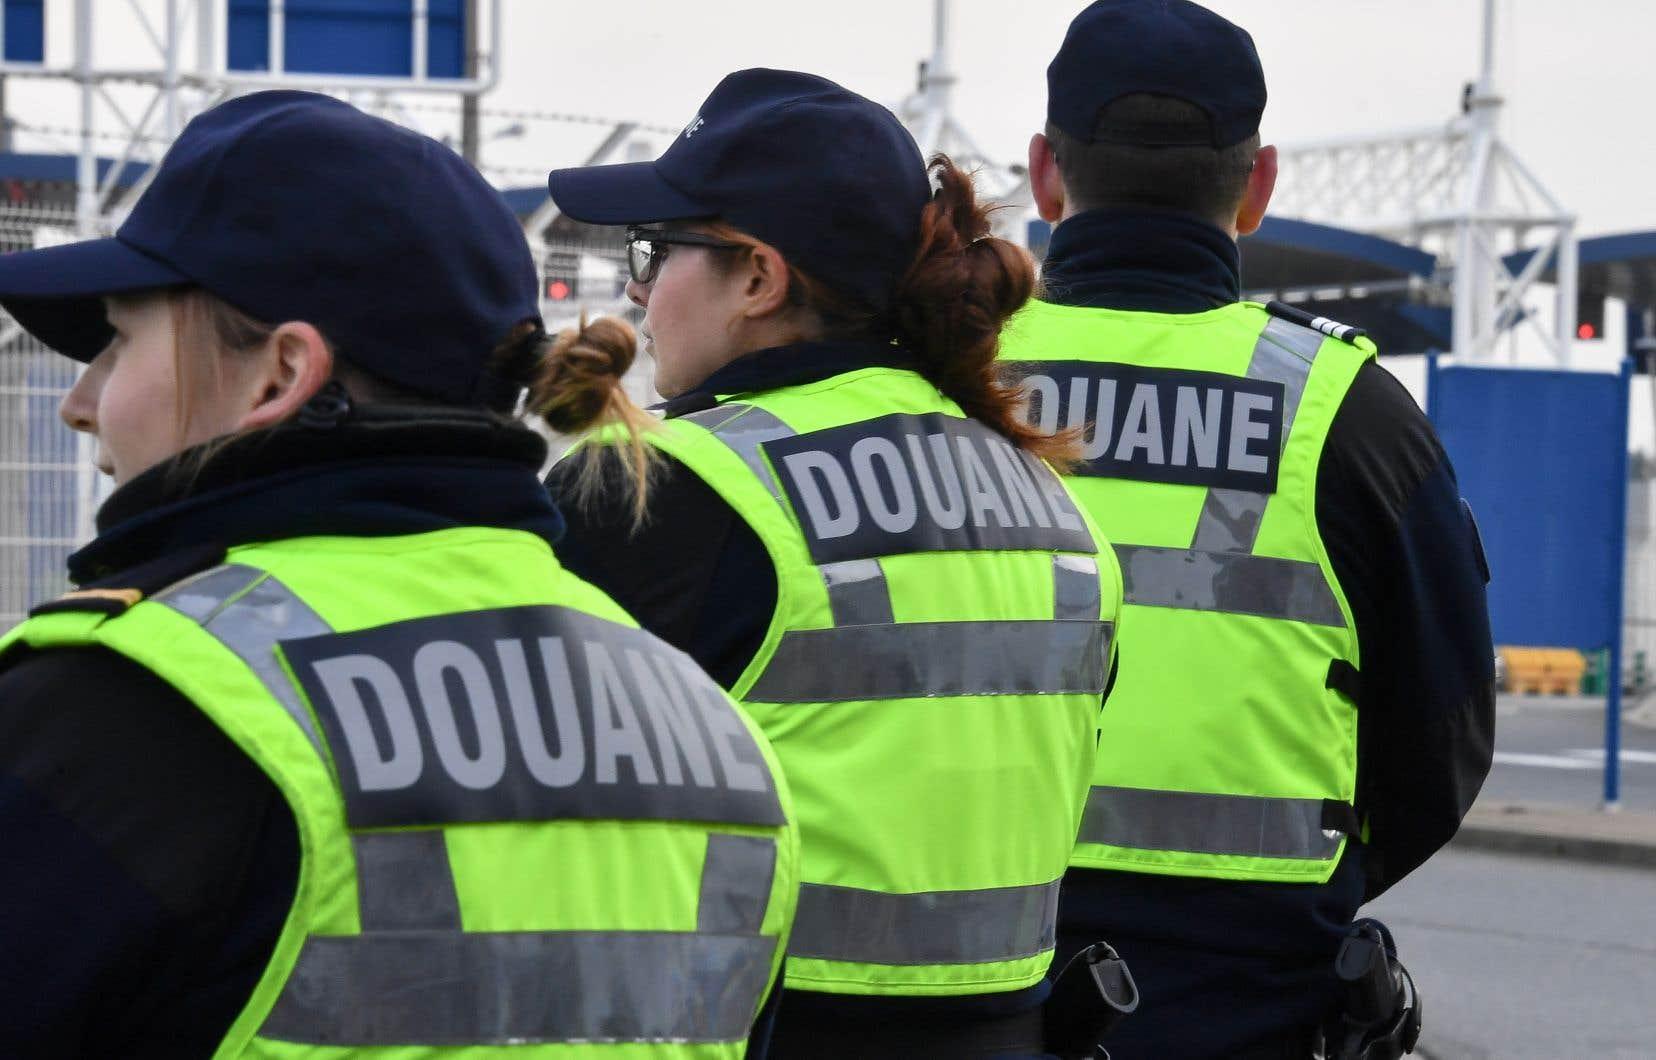 De Washington, où il participe aux réunions annuelles du FMI, le ministre français des Finances, Bruno Le Maire, a lancé un avertissement à l'administration Trump juste avant l'entrée en vigueur de ces tarifs.